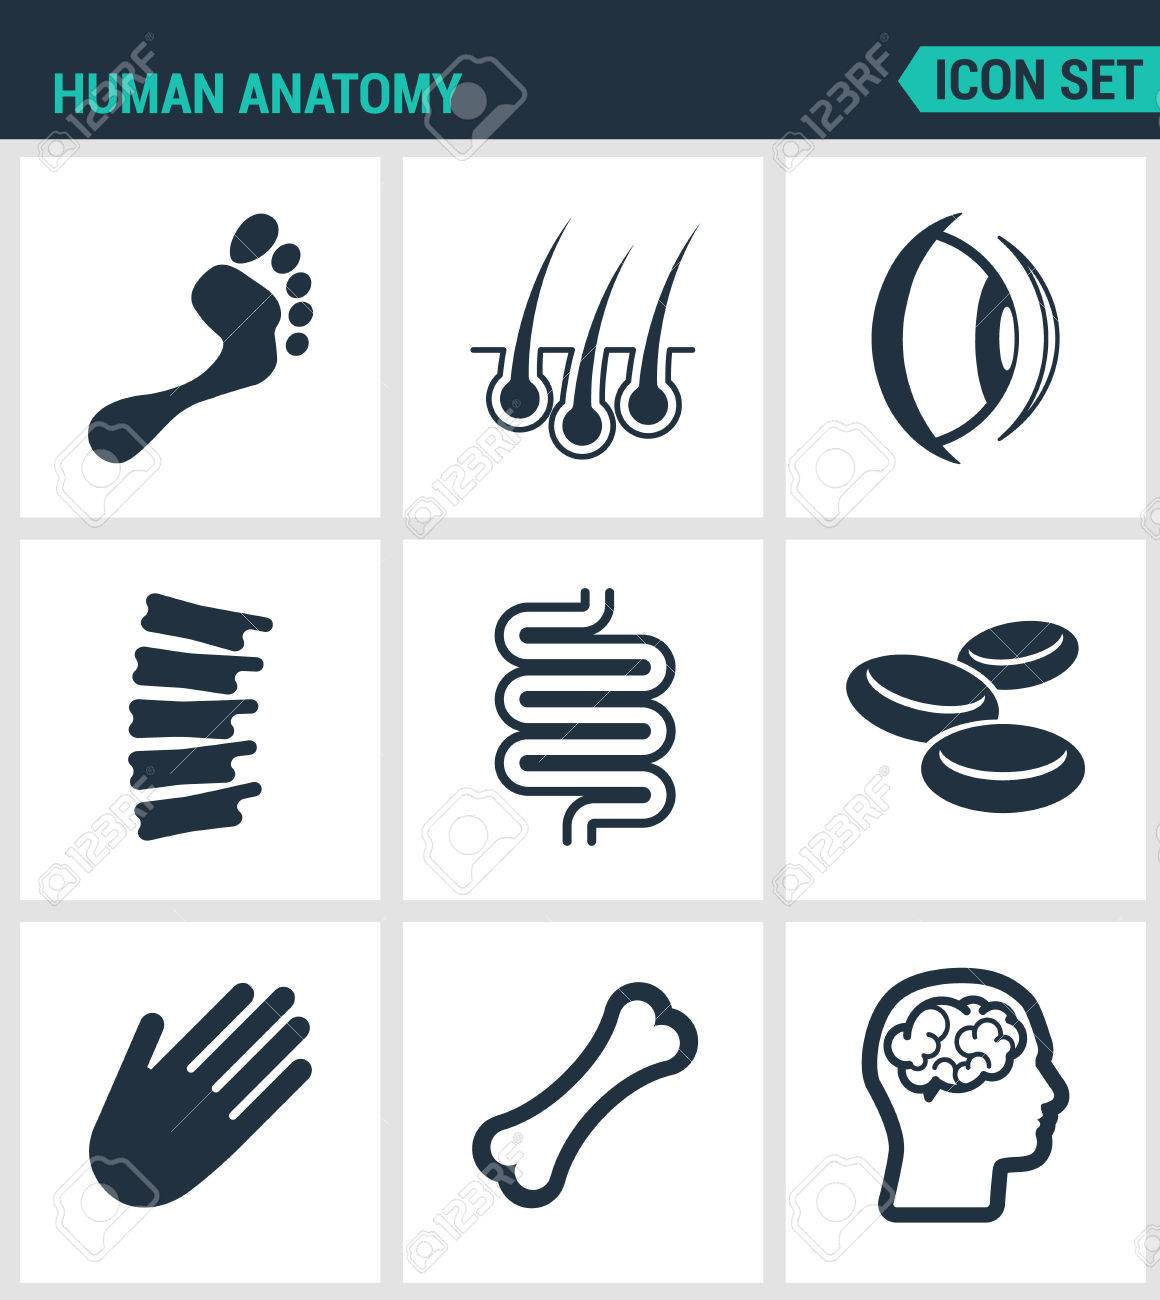 Reihe Von Modernen Vektor-Icons. Anatomie Des Menschen Bein, Haare ...